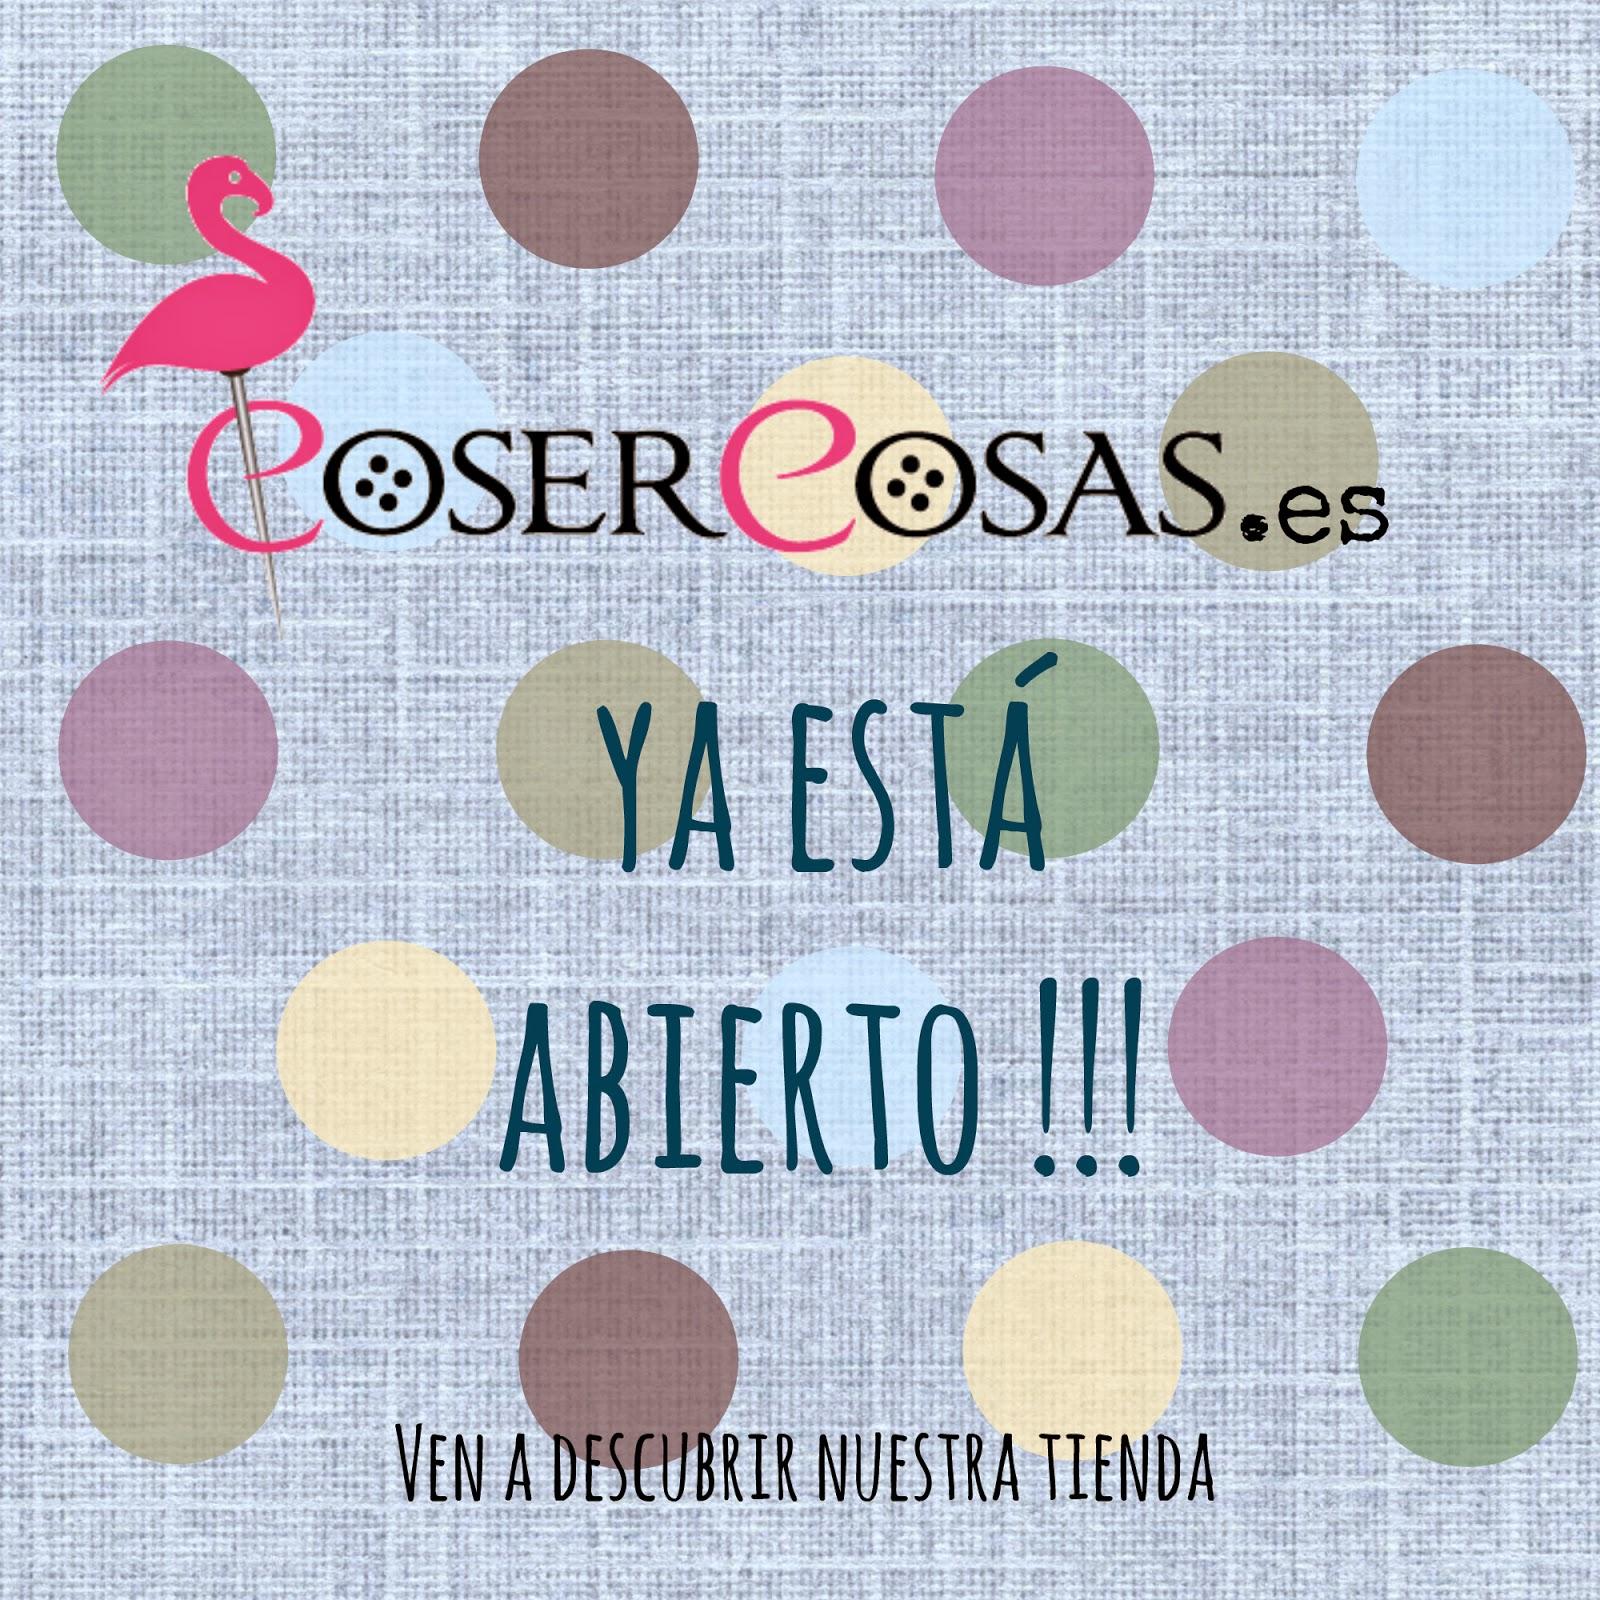 www.cosercosas.es